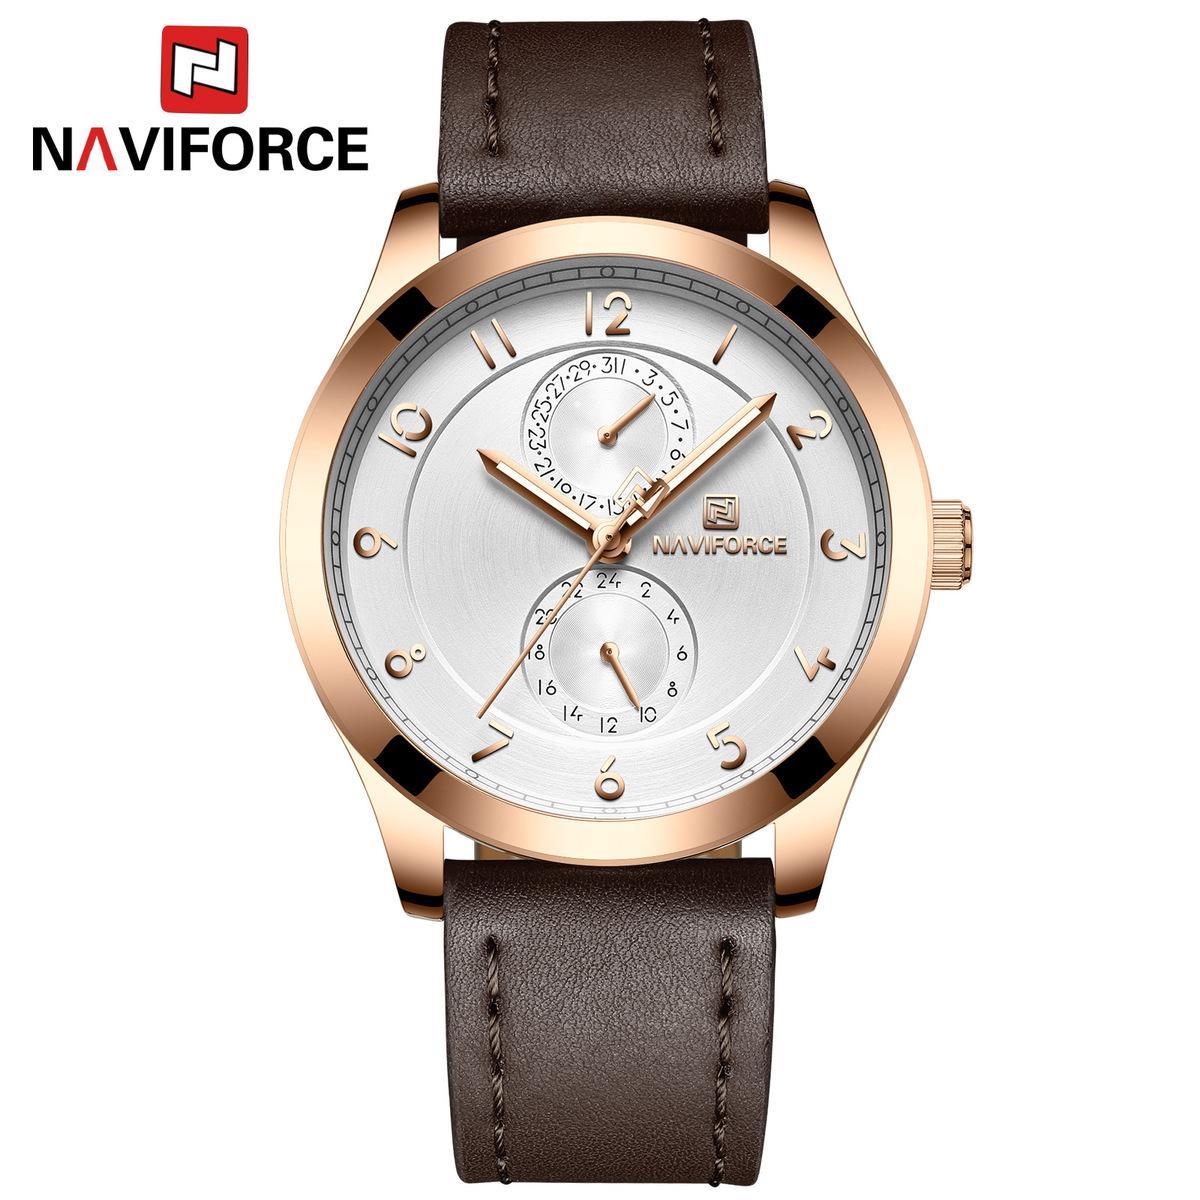 25995d0c9fc ... Quartzo Relógios De Negócios De Moda Homem Relógio De Pulso Invicta  Relógios Homens Mestre De Marca De Luxo Venda De Enshifeihong